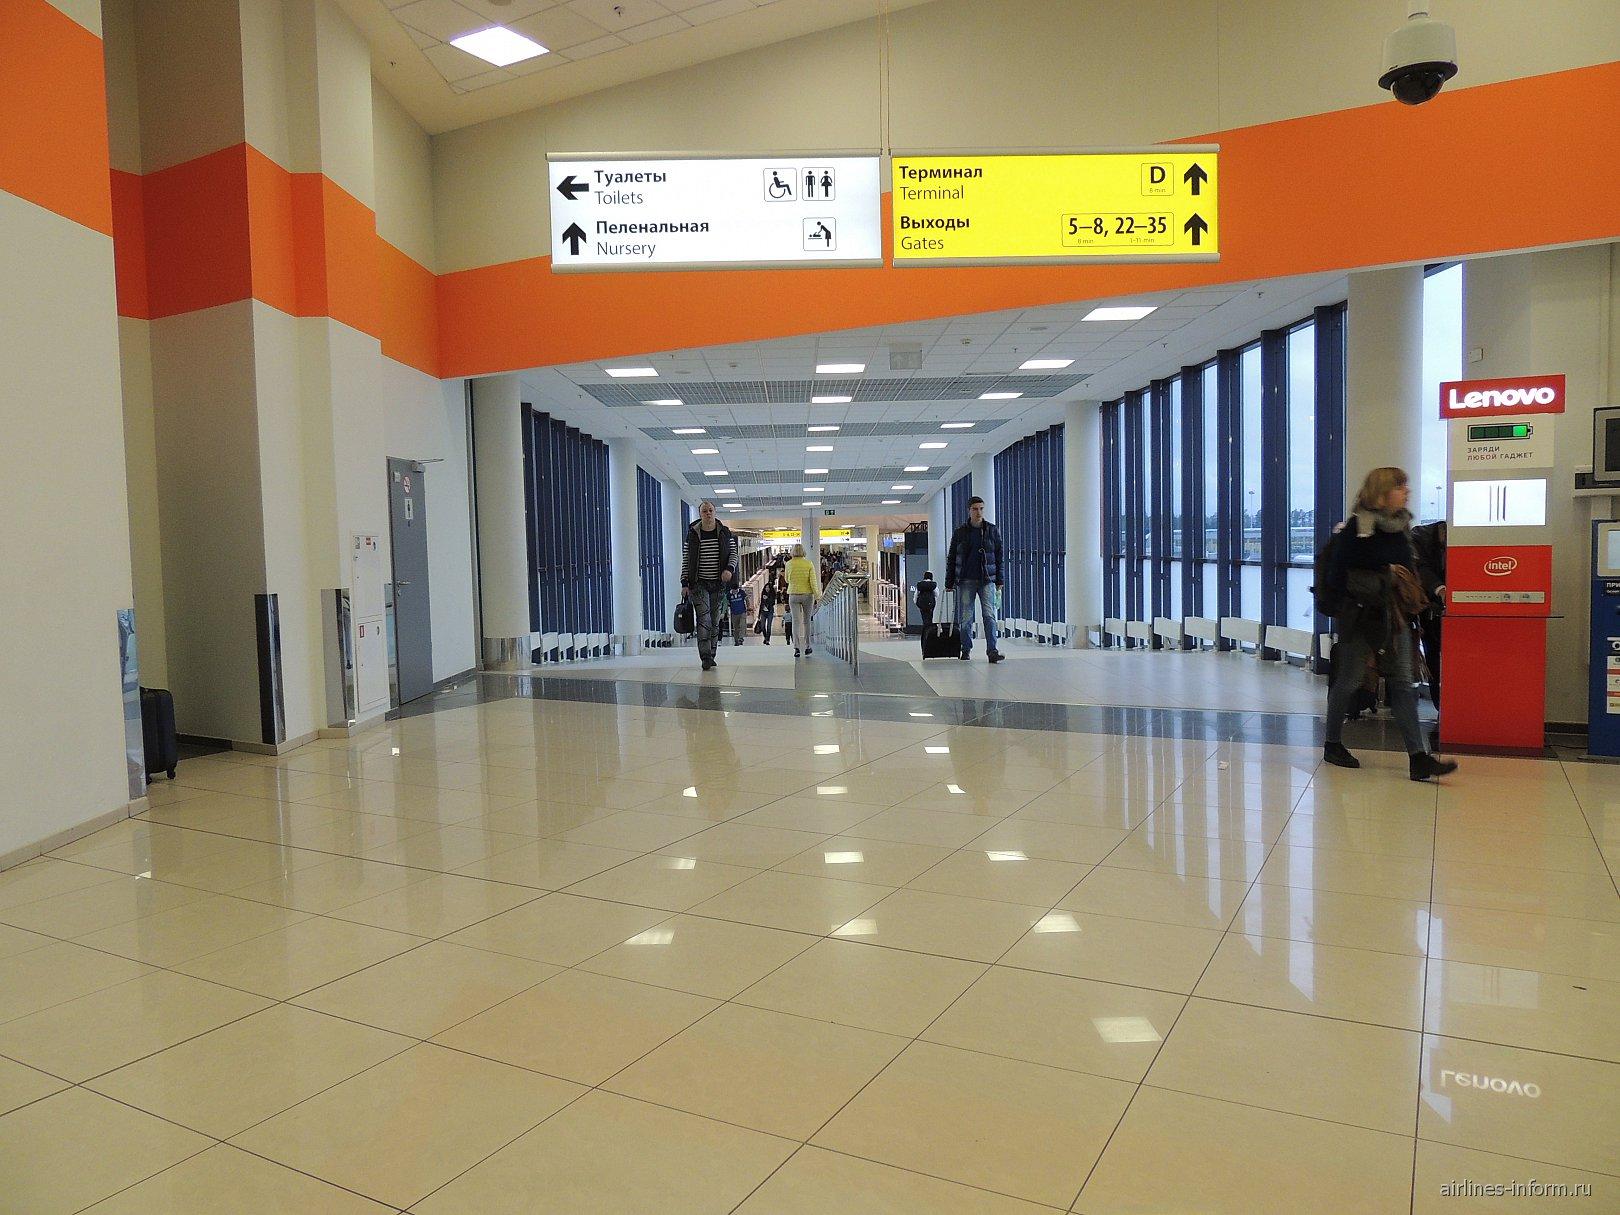 Переход между терминалами D и Е аэропорта Шереметьево